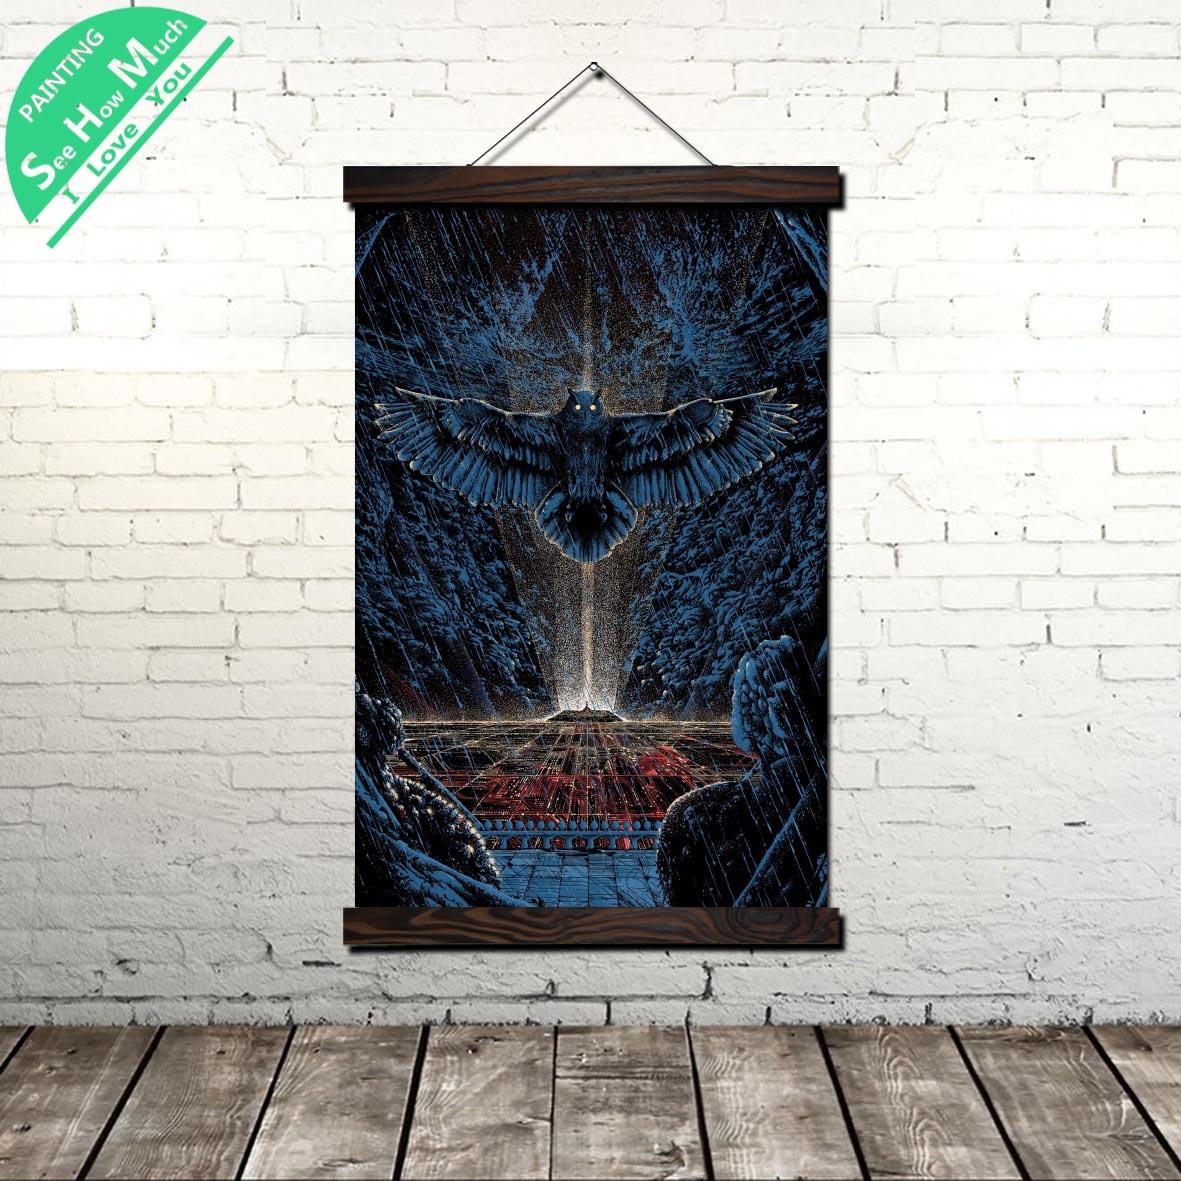 Póster Artístico impreso en lienzo moderno con búho de ciencia ficción, rollo de pintura para pared, ilustraciones, póster para pared, imágenes para decoración del hogar